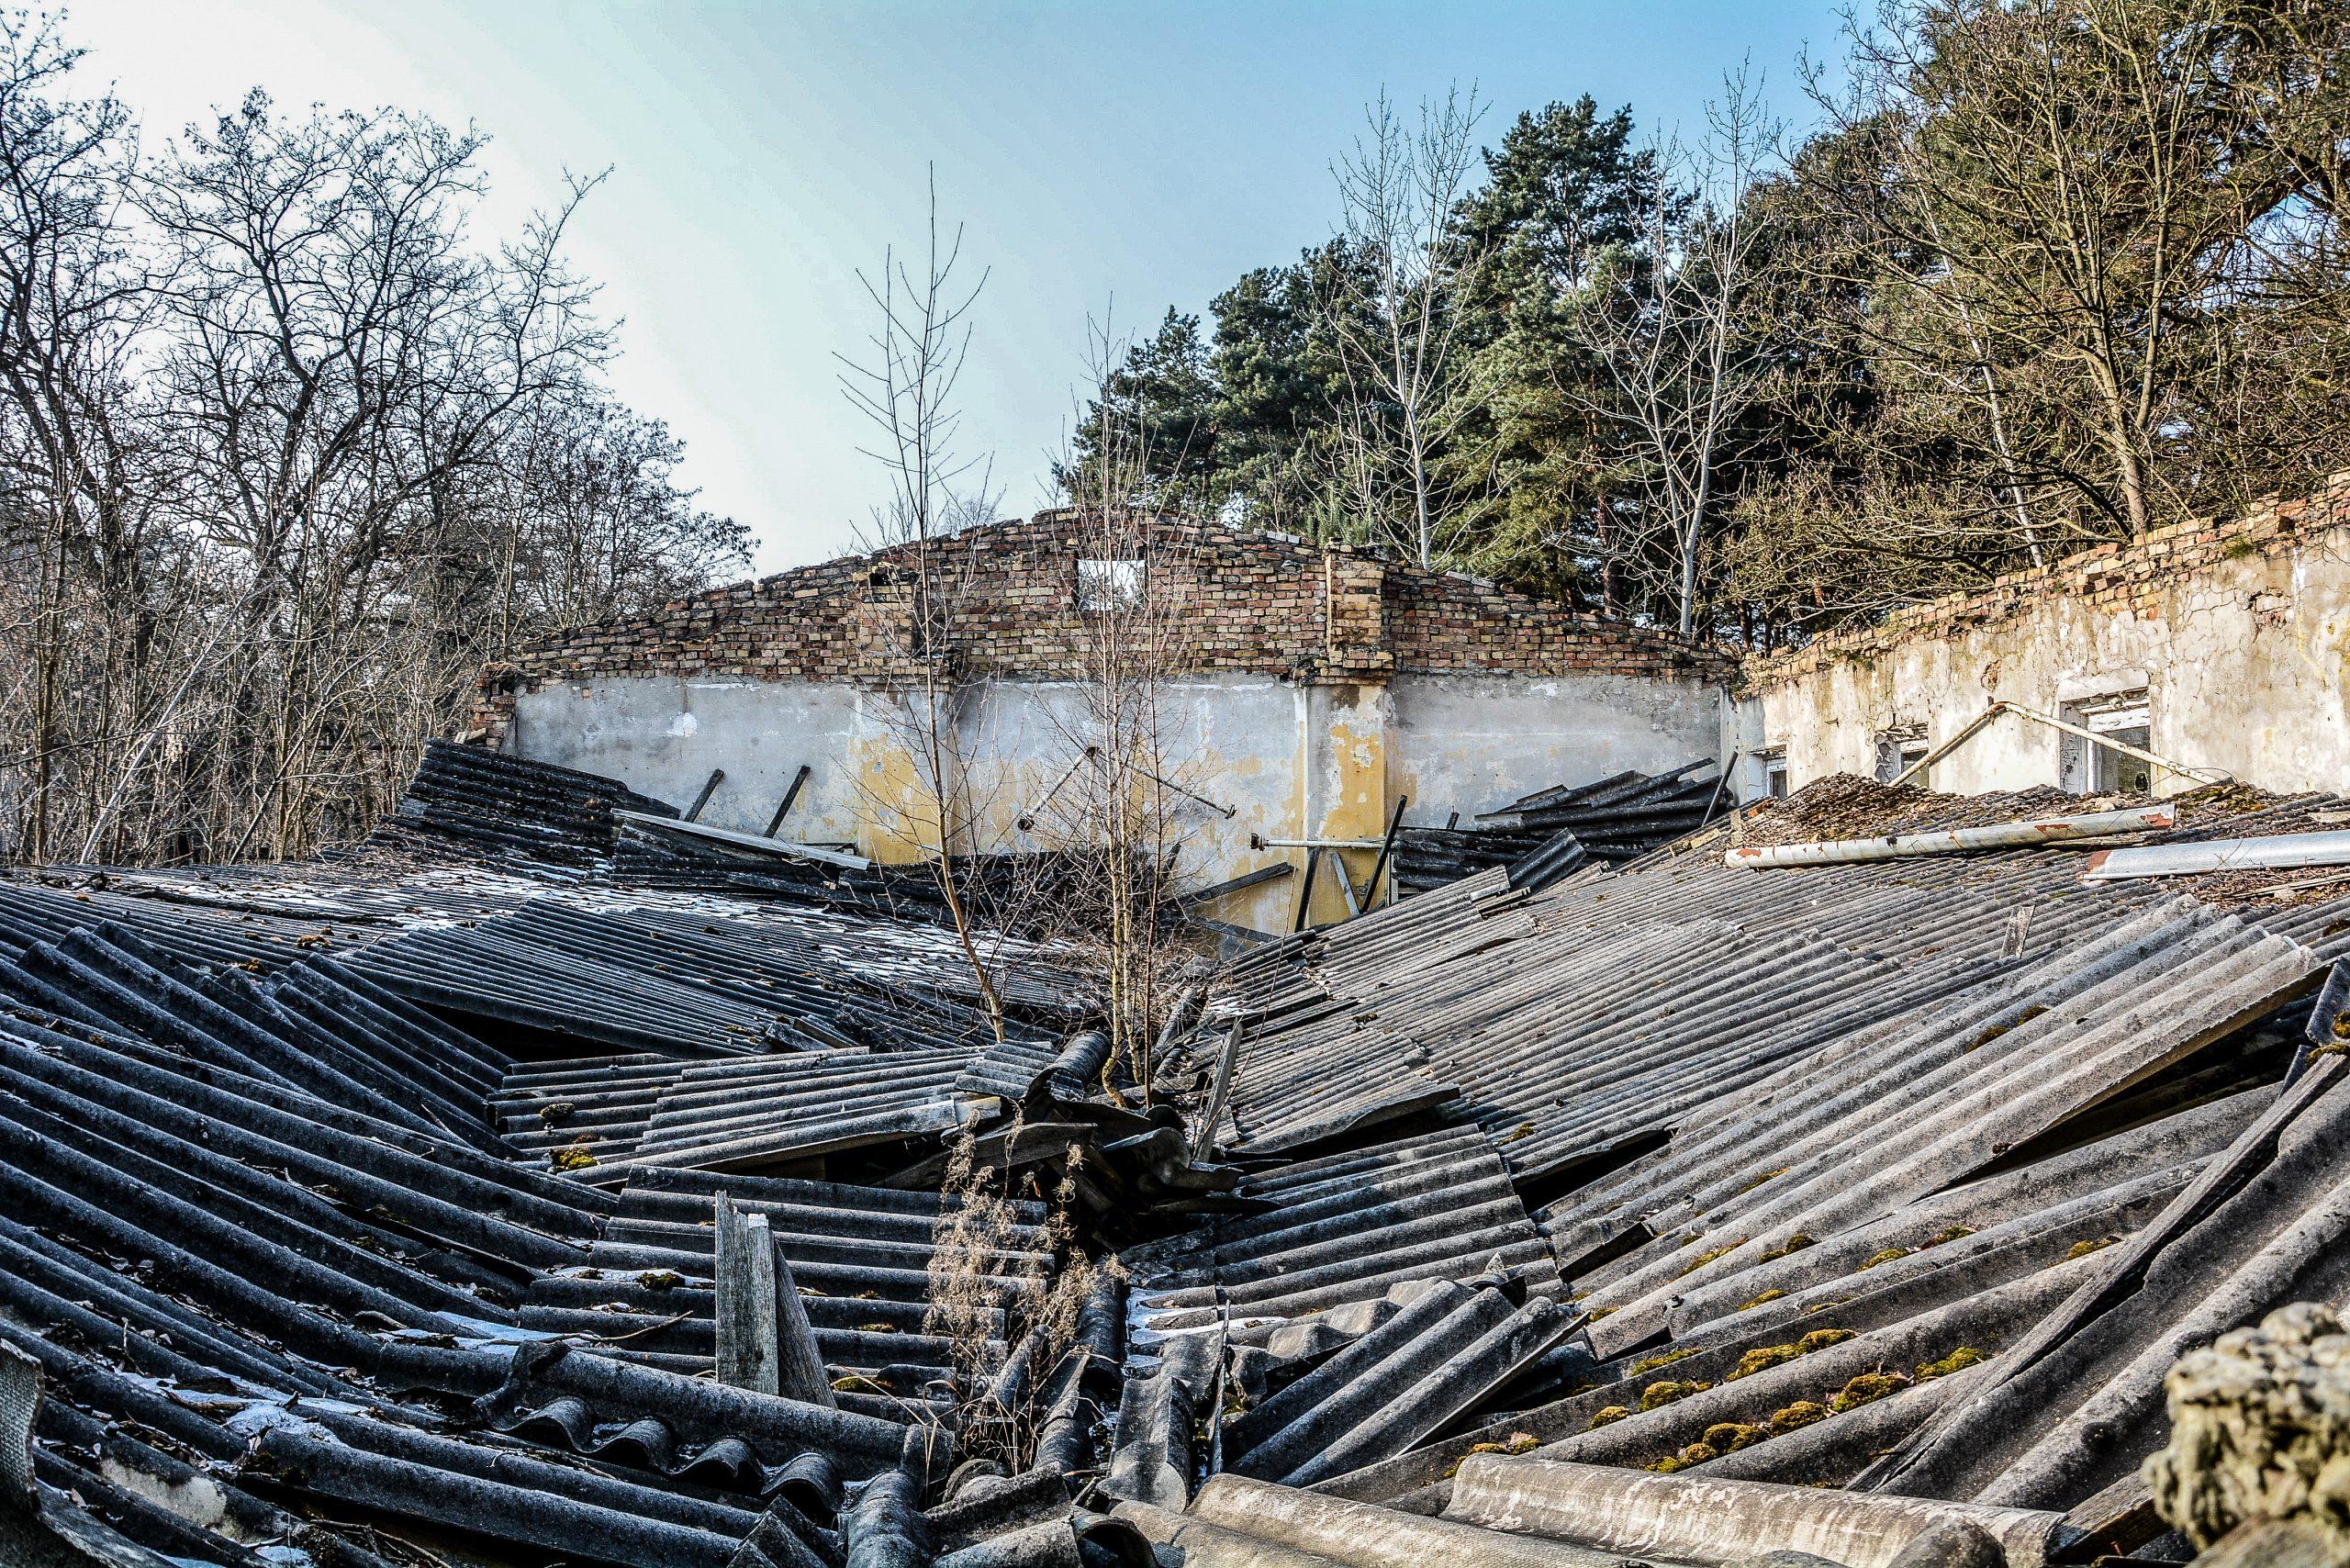 collapsed roof forst zinna adolf hitler lager luckenwalde juterbog sowjet kaserne soviet military barracks germany lost places urbex abandoned